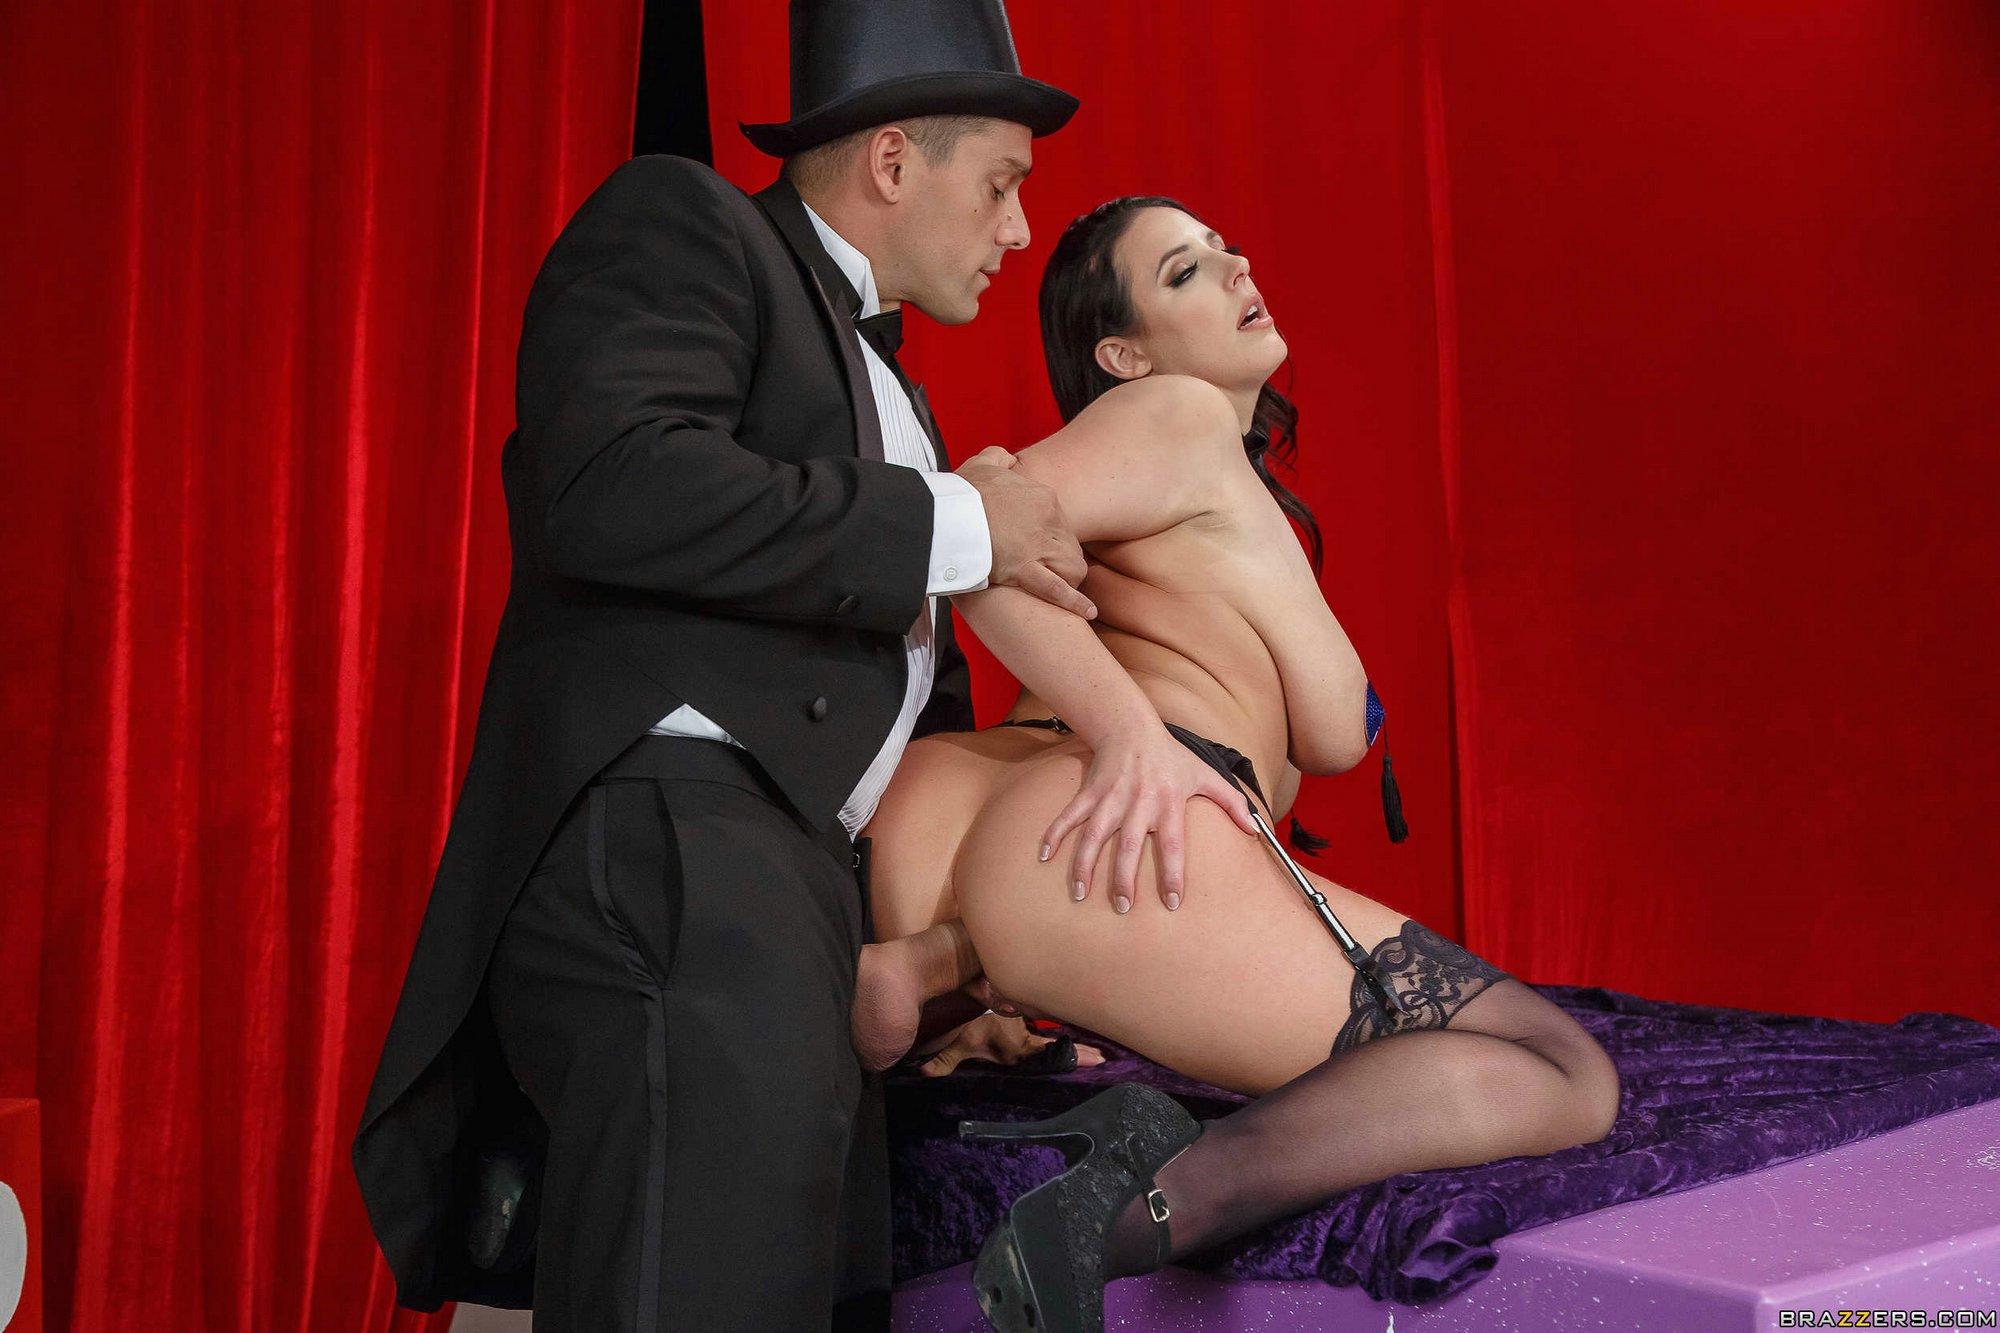 dark magician girl having sex